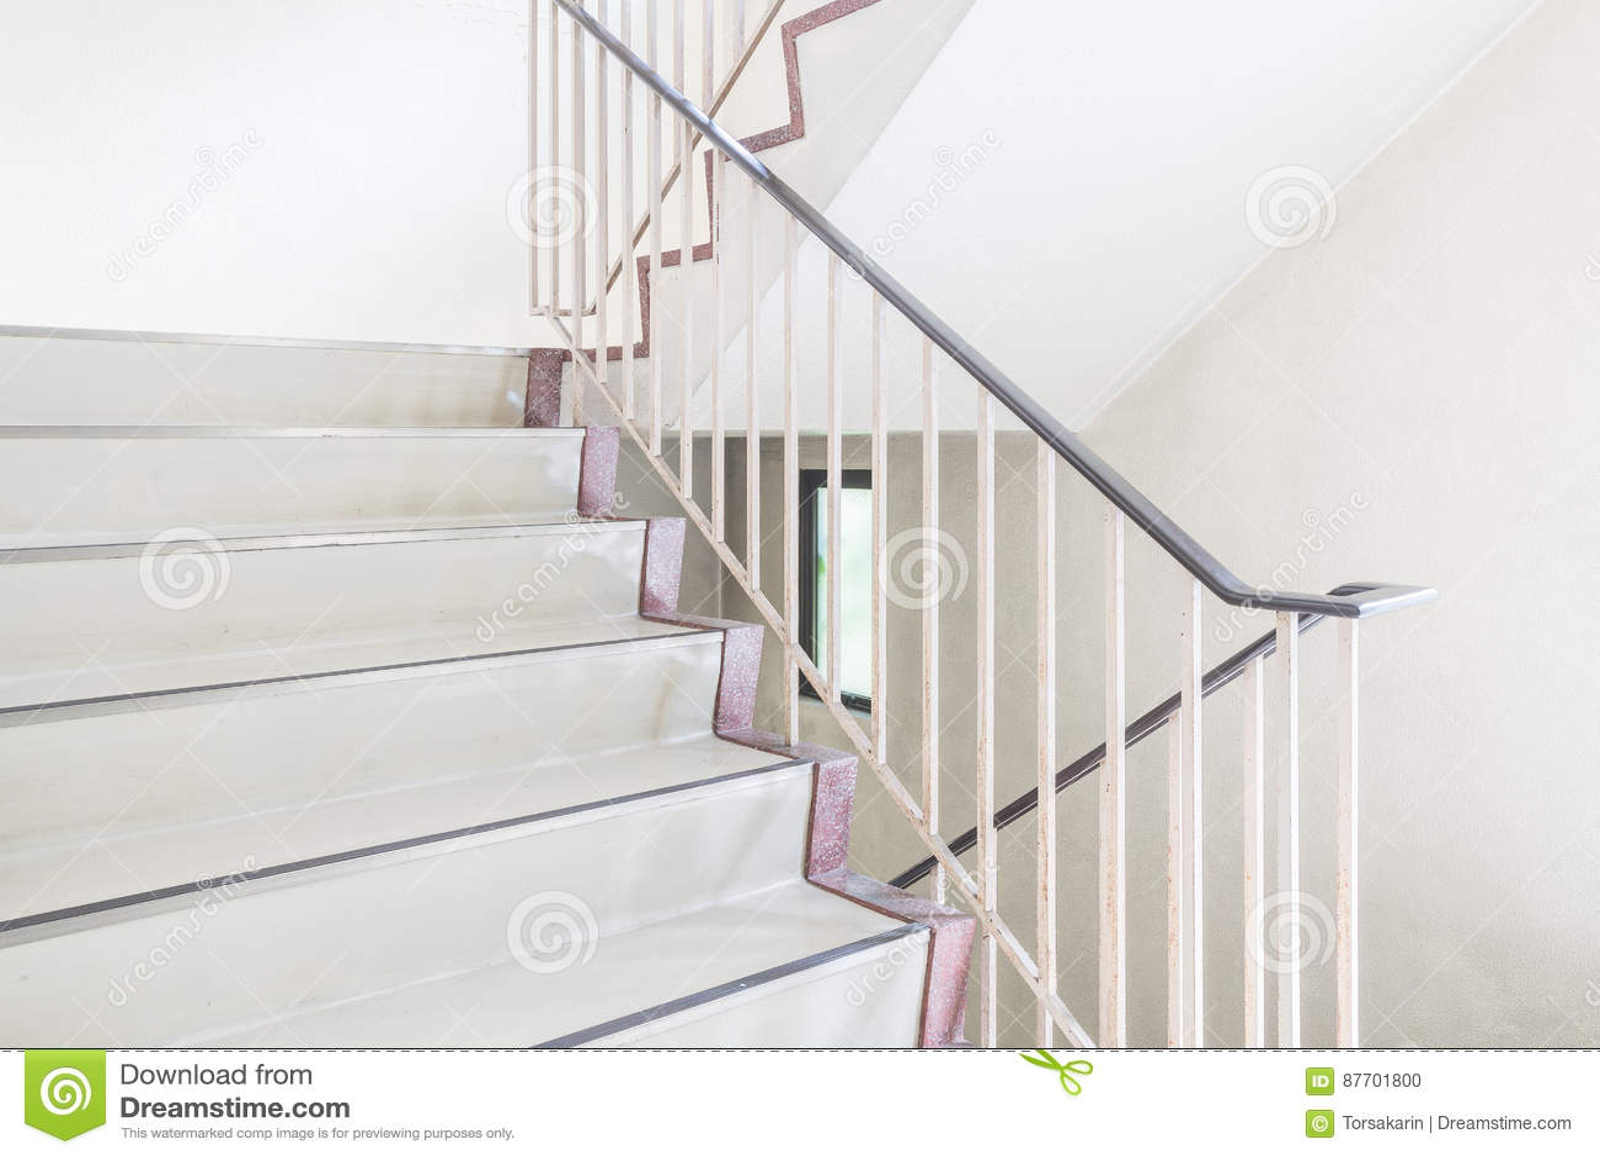 Escalier avec le handrai métallique